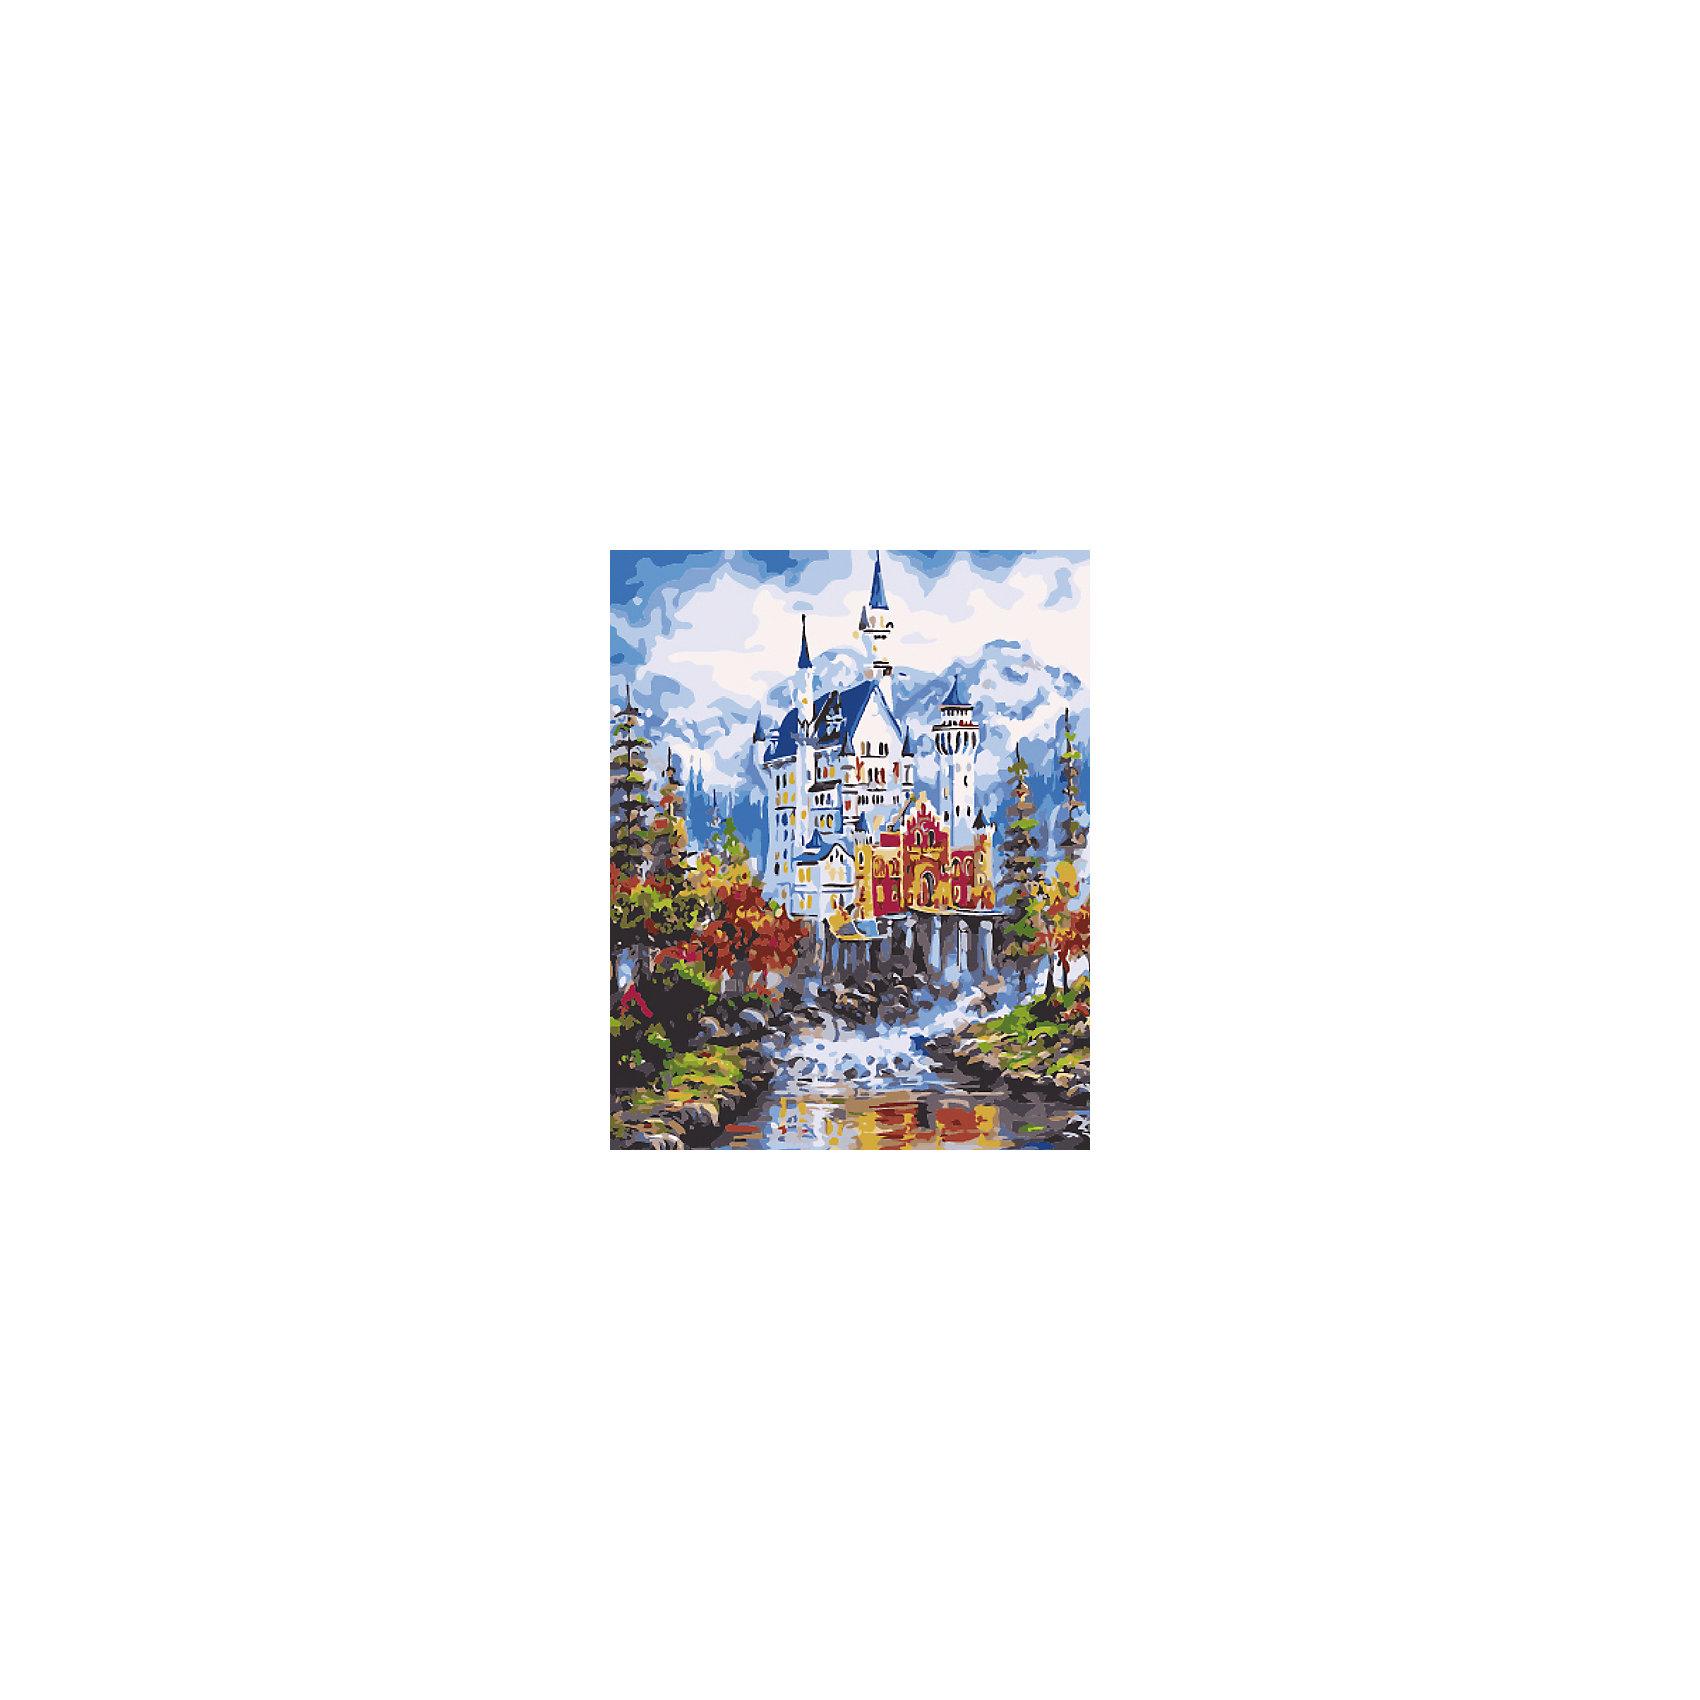 Холст с красками по номерам Величественный замок в горах 40х50 смзамечательные наборы для создания уникального шедевра изобразительного искусства. Создание картин на специально подготовленной рабочей поверхности – это уникальная техника, позволяющая делать Ваши шедевры более яркими и реалистичными. Просто нанесите мазки на уже готовый эскиз и оживите картину! Готовые изделия могут стать украшением интерьера или прекрасным подарком близким и друзьям.<br><br>Ширина мм: 510<br>Глубина мм: 410<br>Высота мм: 25<br>Вес г: 900<br>Возраст от месяцев: 36<br>Возраст до месяцев: 108<br>Пол: Унисекс<br>Возраст: Детский<br>SKU: 5096754